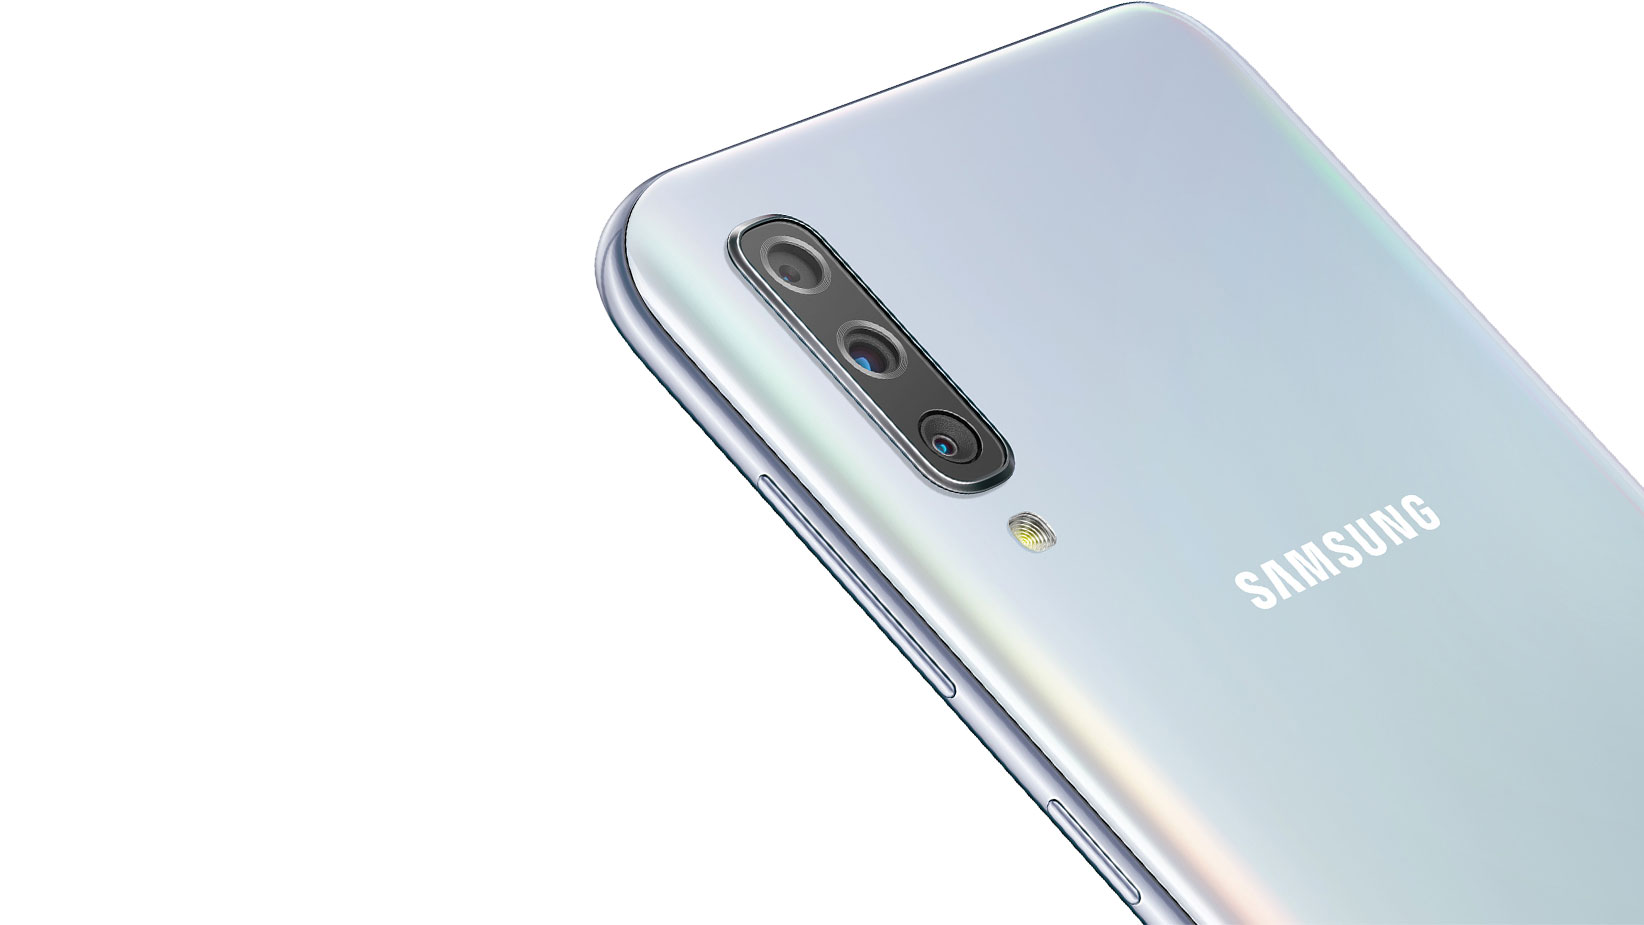 آپدیت سامسونگ گلکسی ای ۵۰ (Galaxy A50) دوربین دستگاه را بهبود می بخشد: اضافه شدن فیلم برداری حرکت آهسته و عکاسی شب